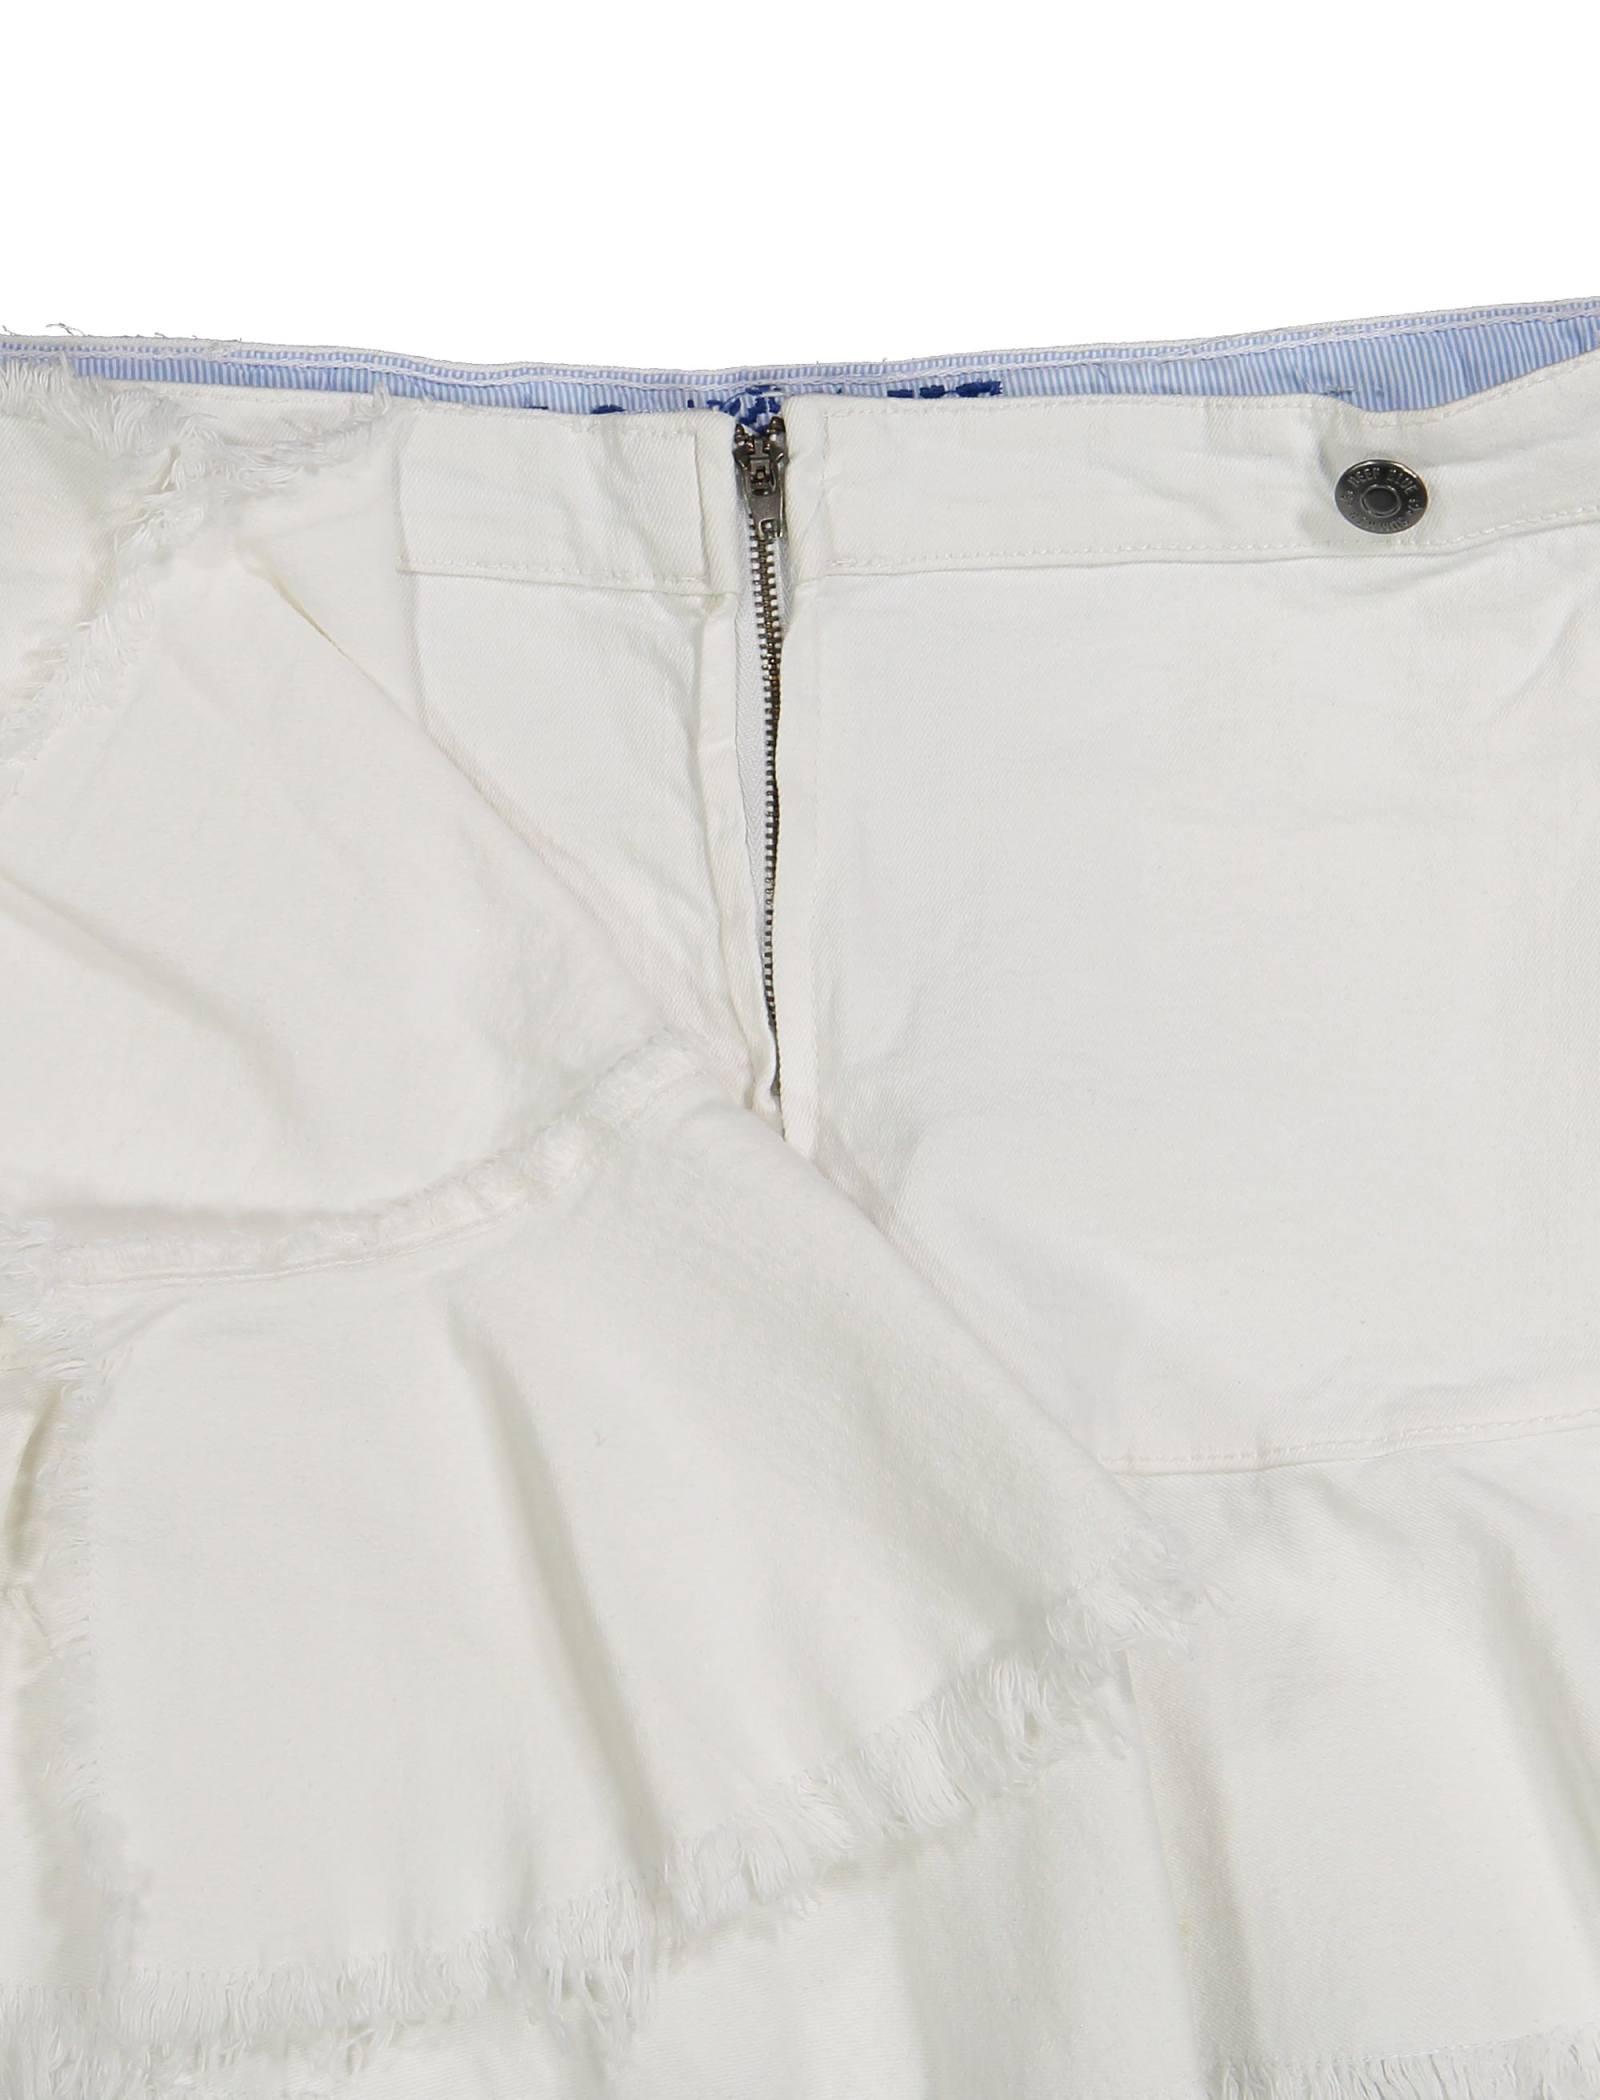 پیراهن نخی دخترانه - بلوکیدز - سفيد - 3